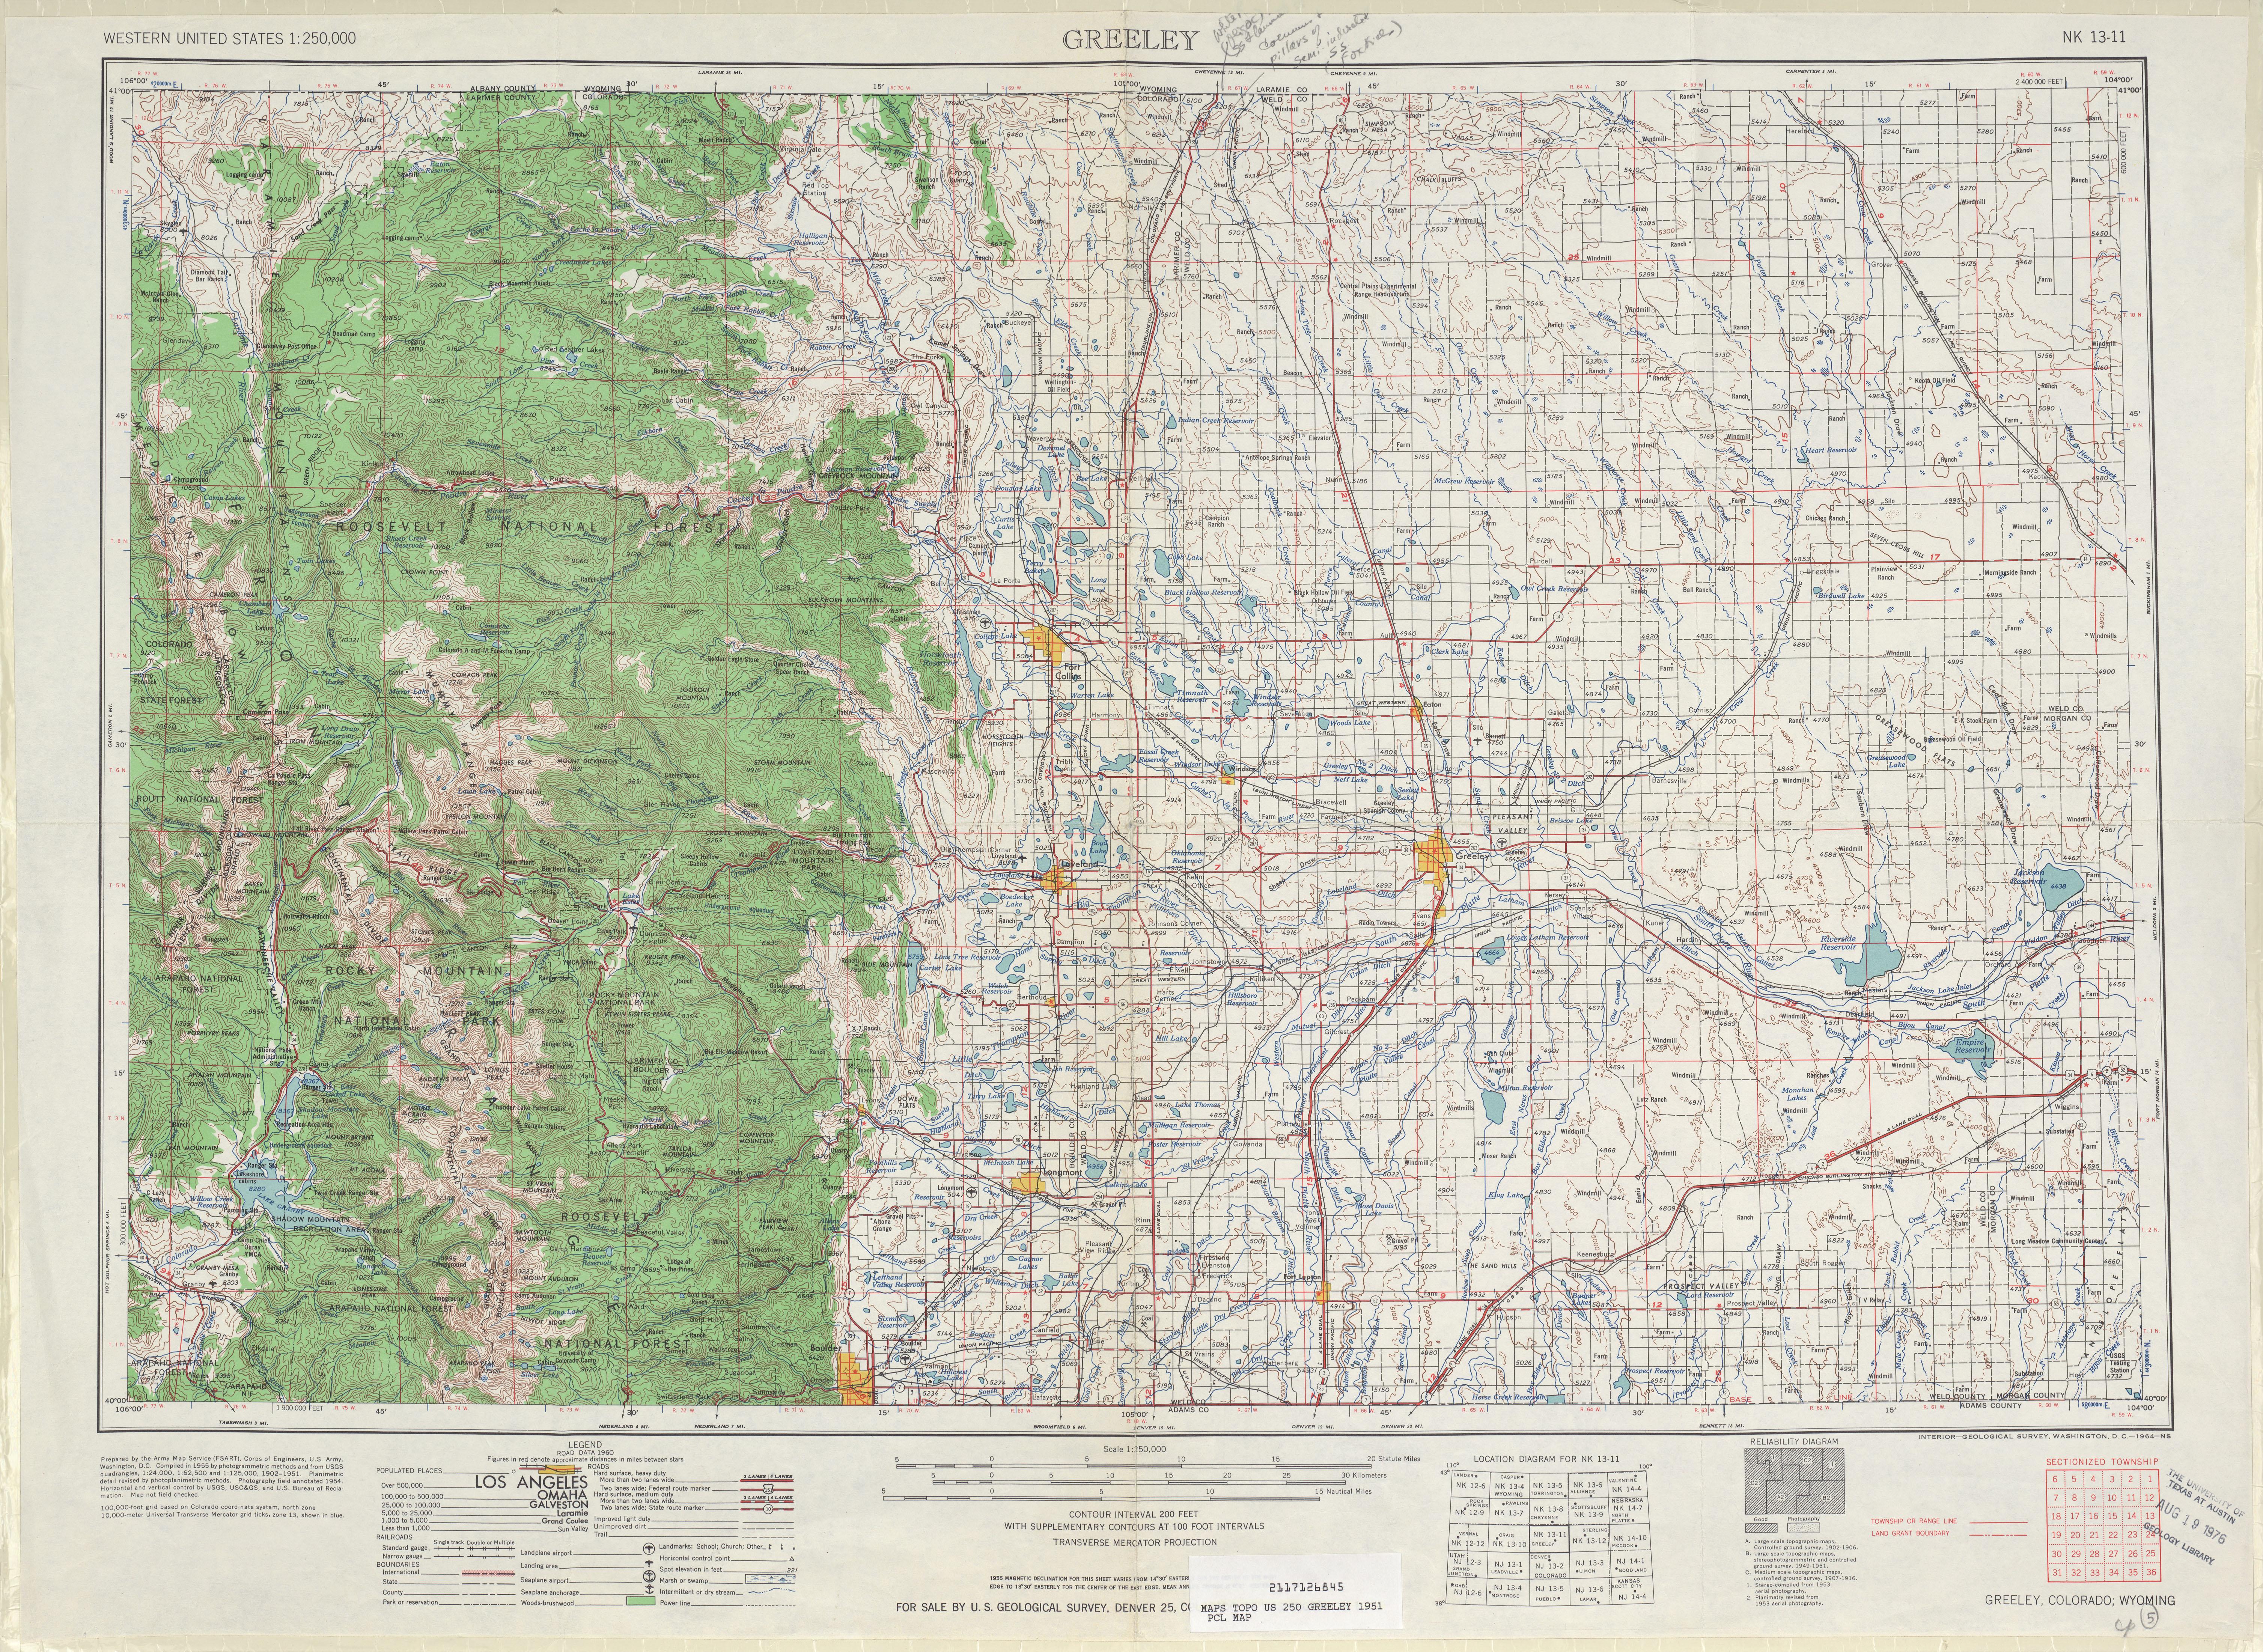 Hoja Greeley del Mapa Topográfico de los Estados Unidos 1954